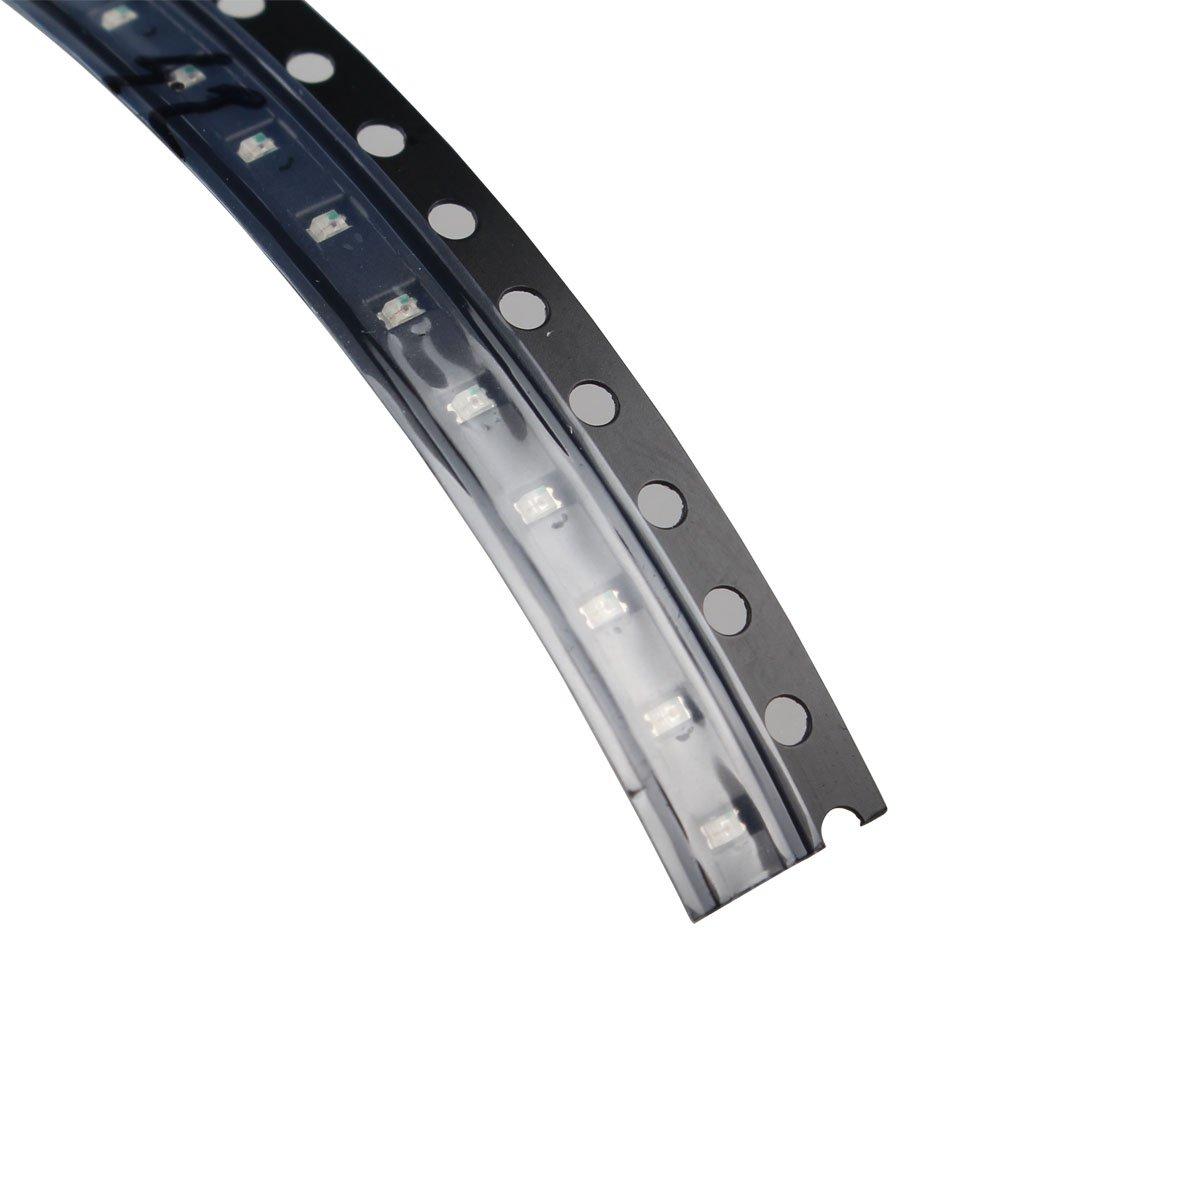 0603 SMD LED, Color Rojo/Amarillo/Verde/Blanco/Azul diodos emisores de luz), color negro (100 Pcs): Amazon.es: Electrónica